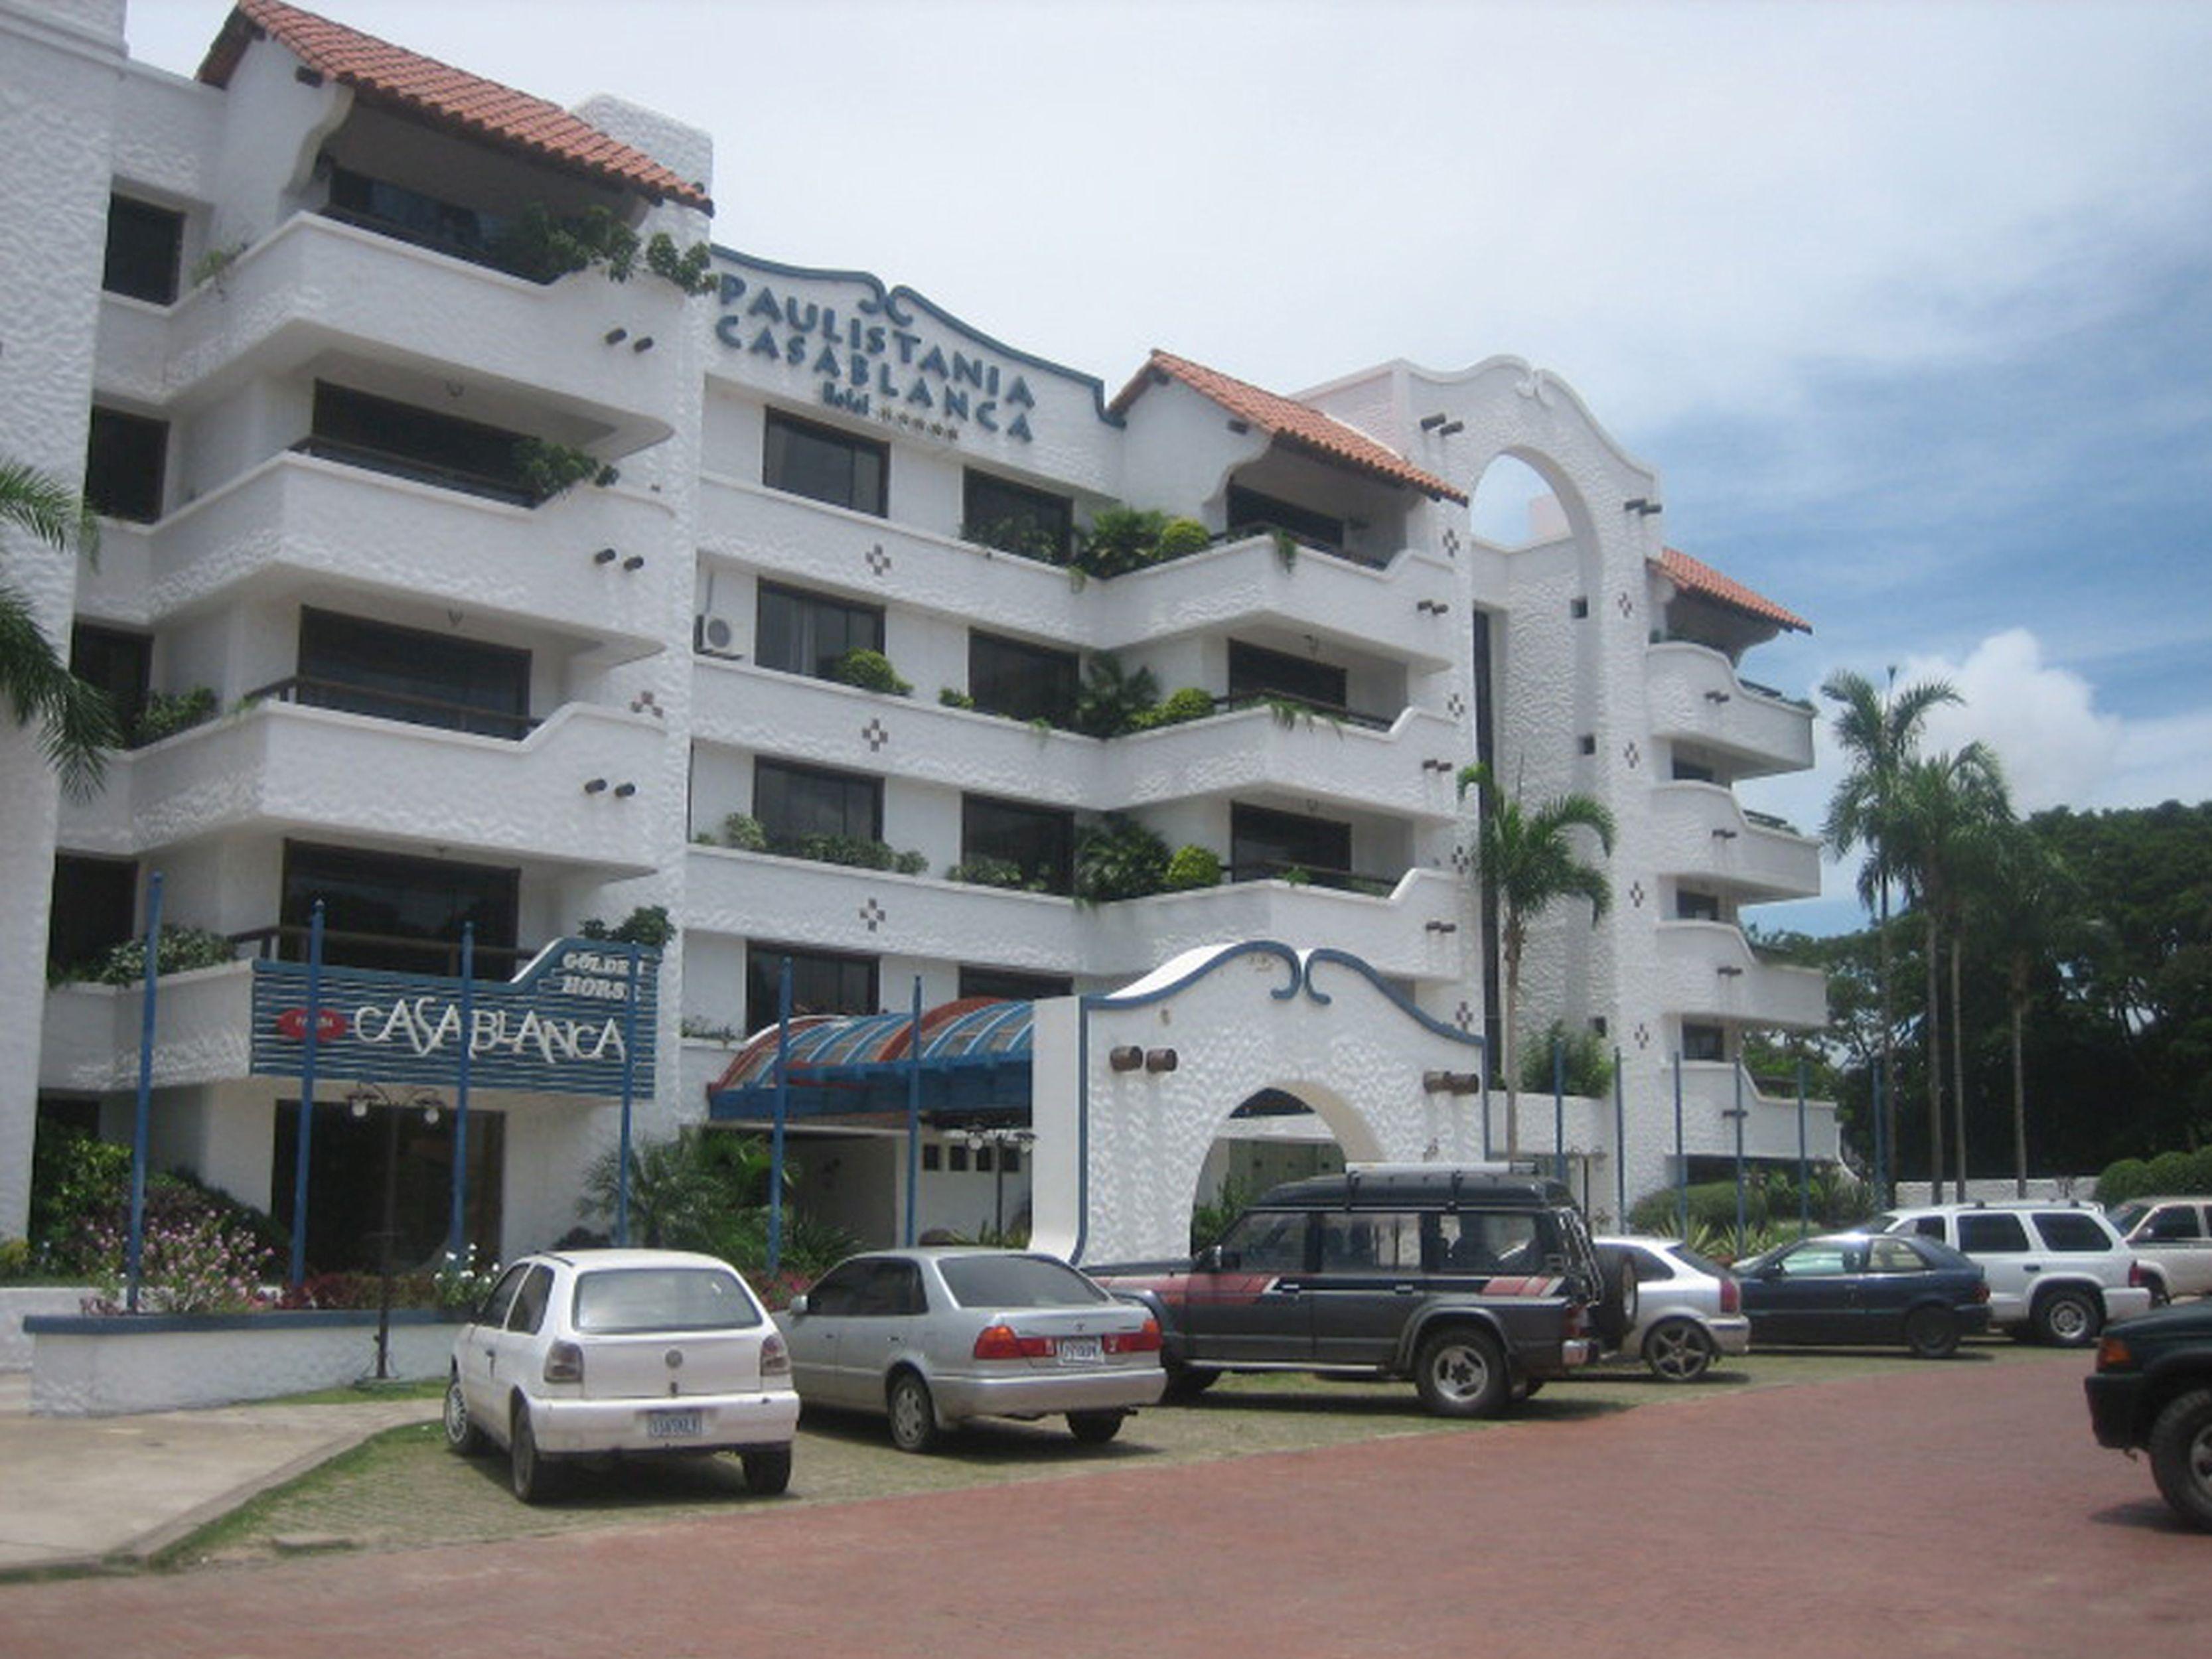 Casa Blanca Hotel, Andrés Ibáñez